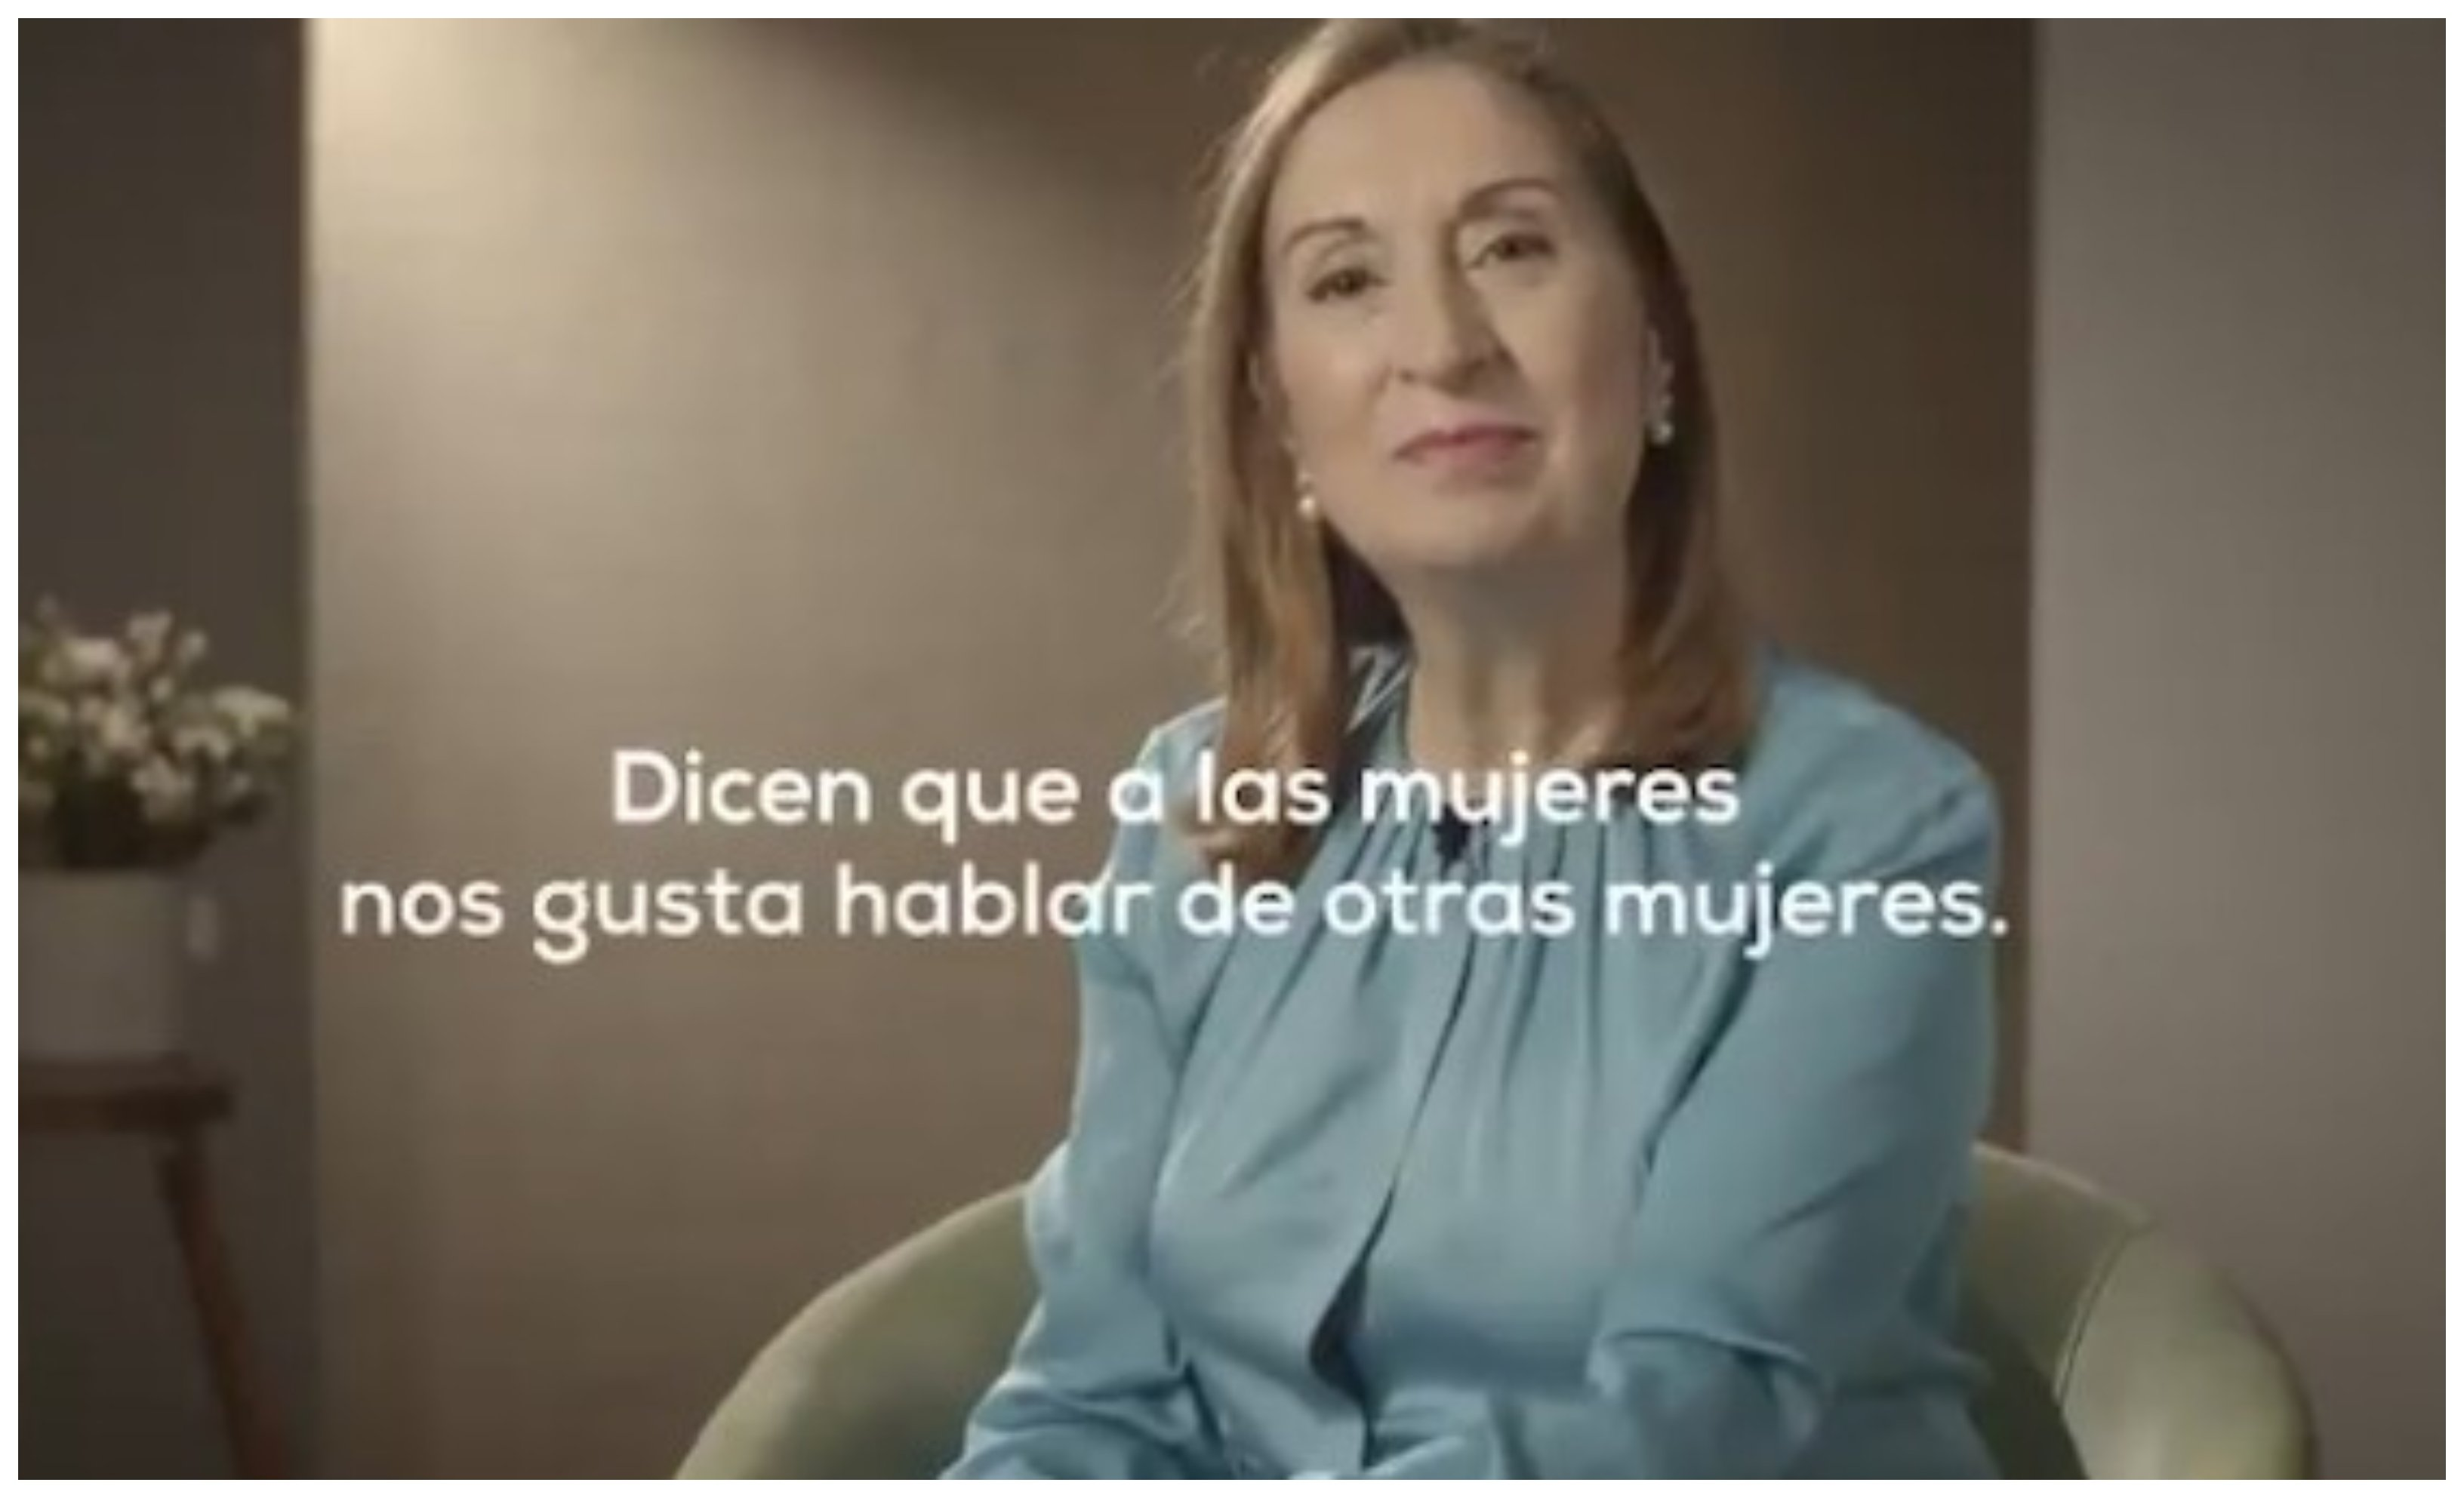 Vídeo de mujeres del PP hablando de las mujeres de otros partidos